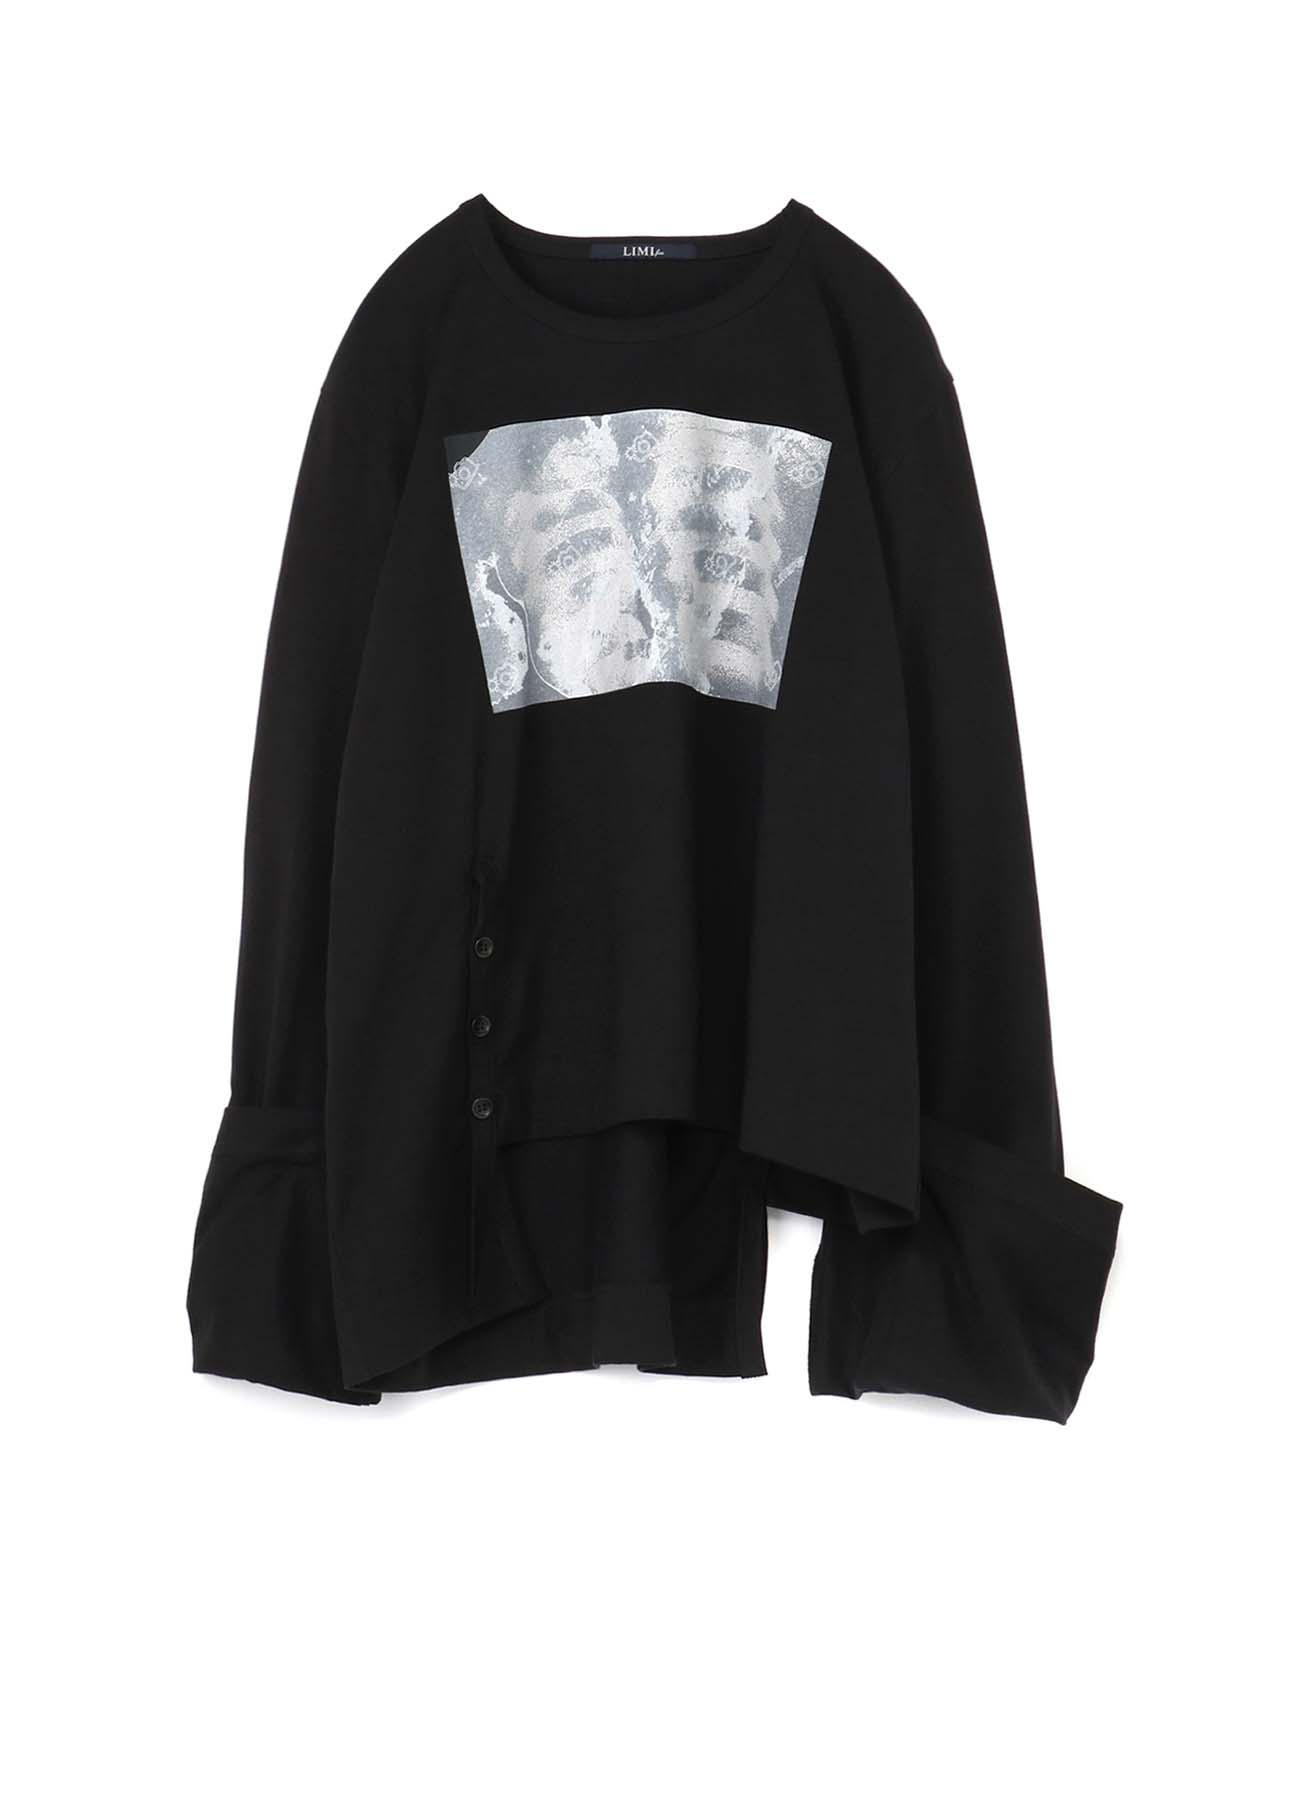 X-Ray Print Slit Binder T-Shirt